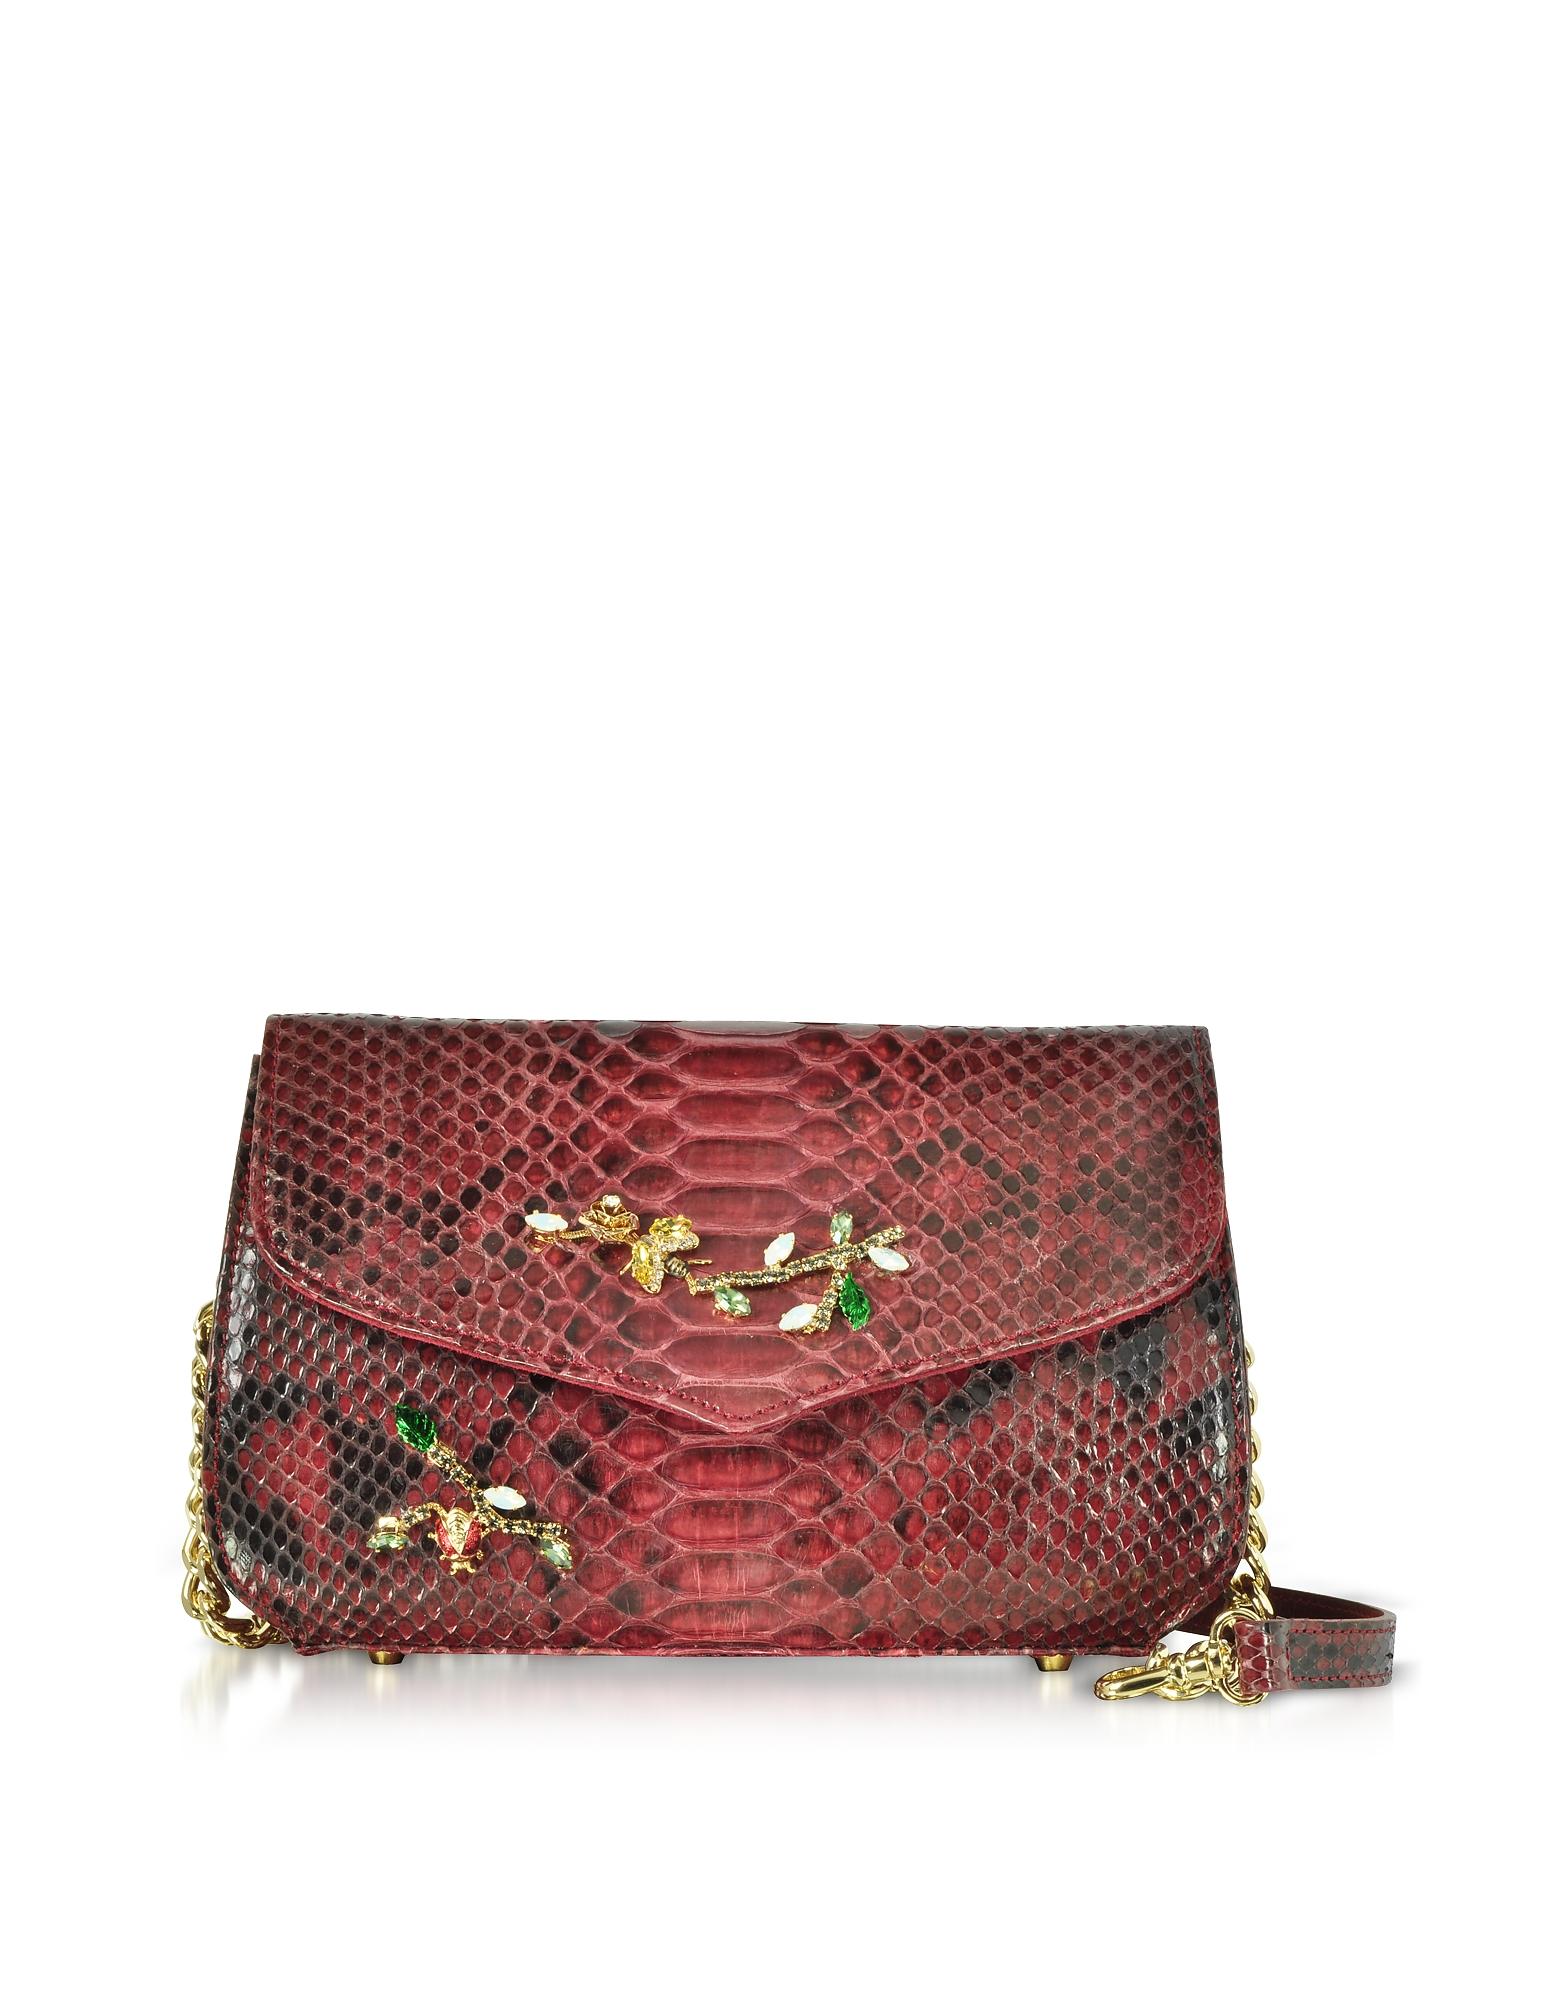 Ghibli Designer Handbags, Ruby Red Python Leather Medium Shoulder Bag w/Crystals